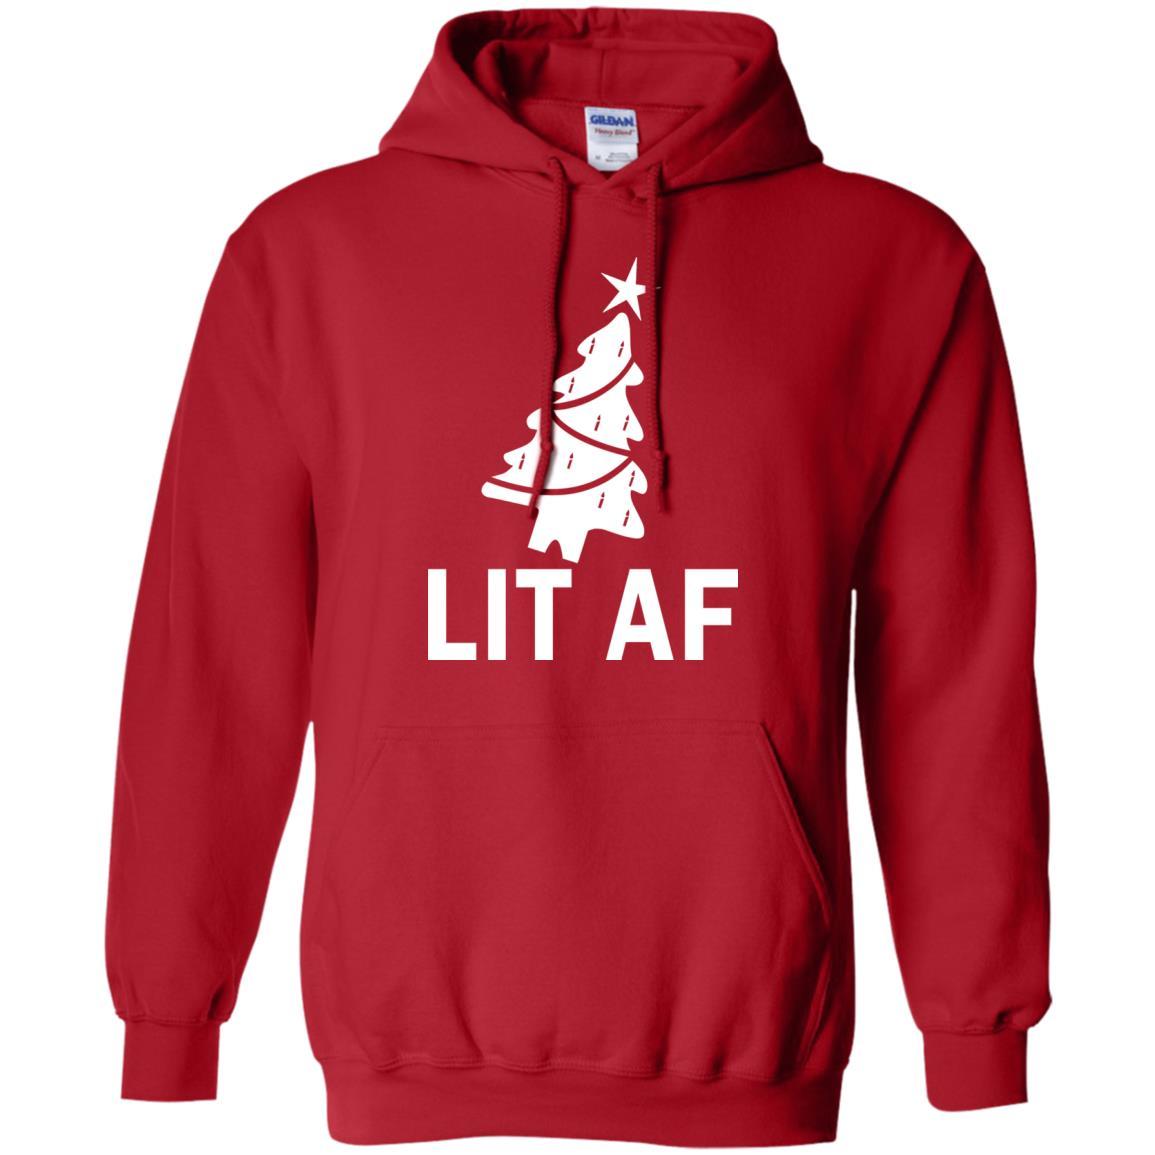 image 2364 - LIT AF Christmas Ugly Sweatshirt, Long Sleeve